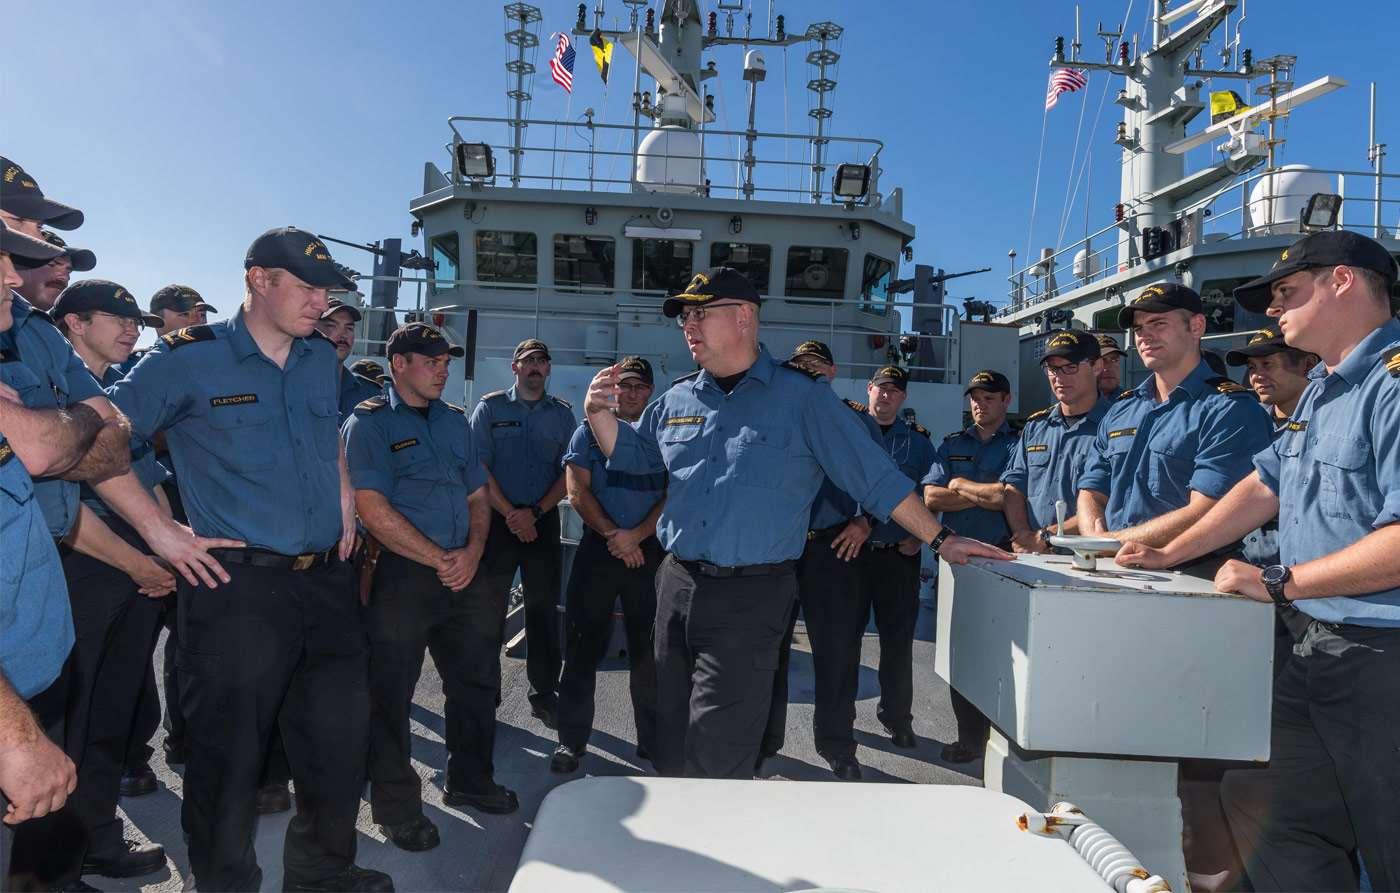 auchterlonie at sea 1400